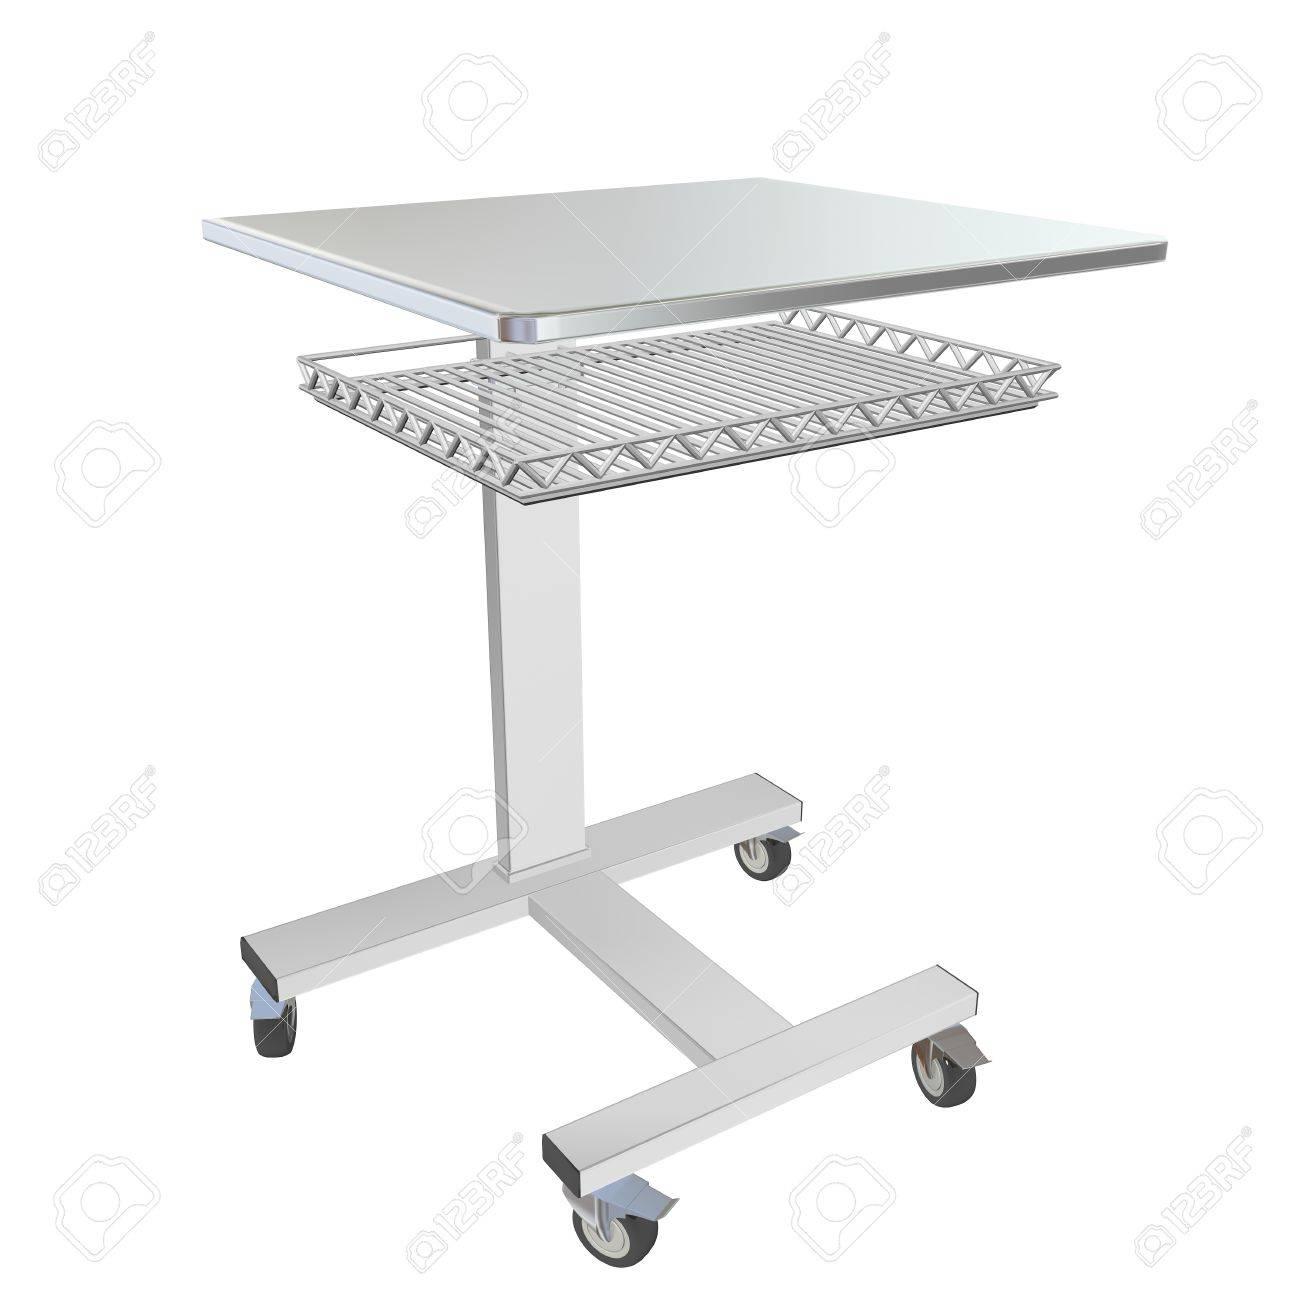 banque dimages mobiles mtalliques mdicaux sur table de lit avec tiroir treillis illustration 3d isol sur un fond blanc - Table De Lit